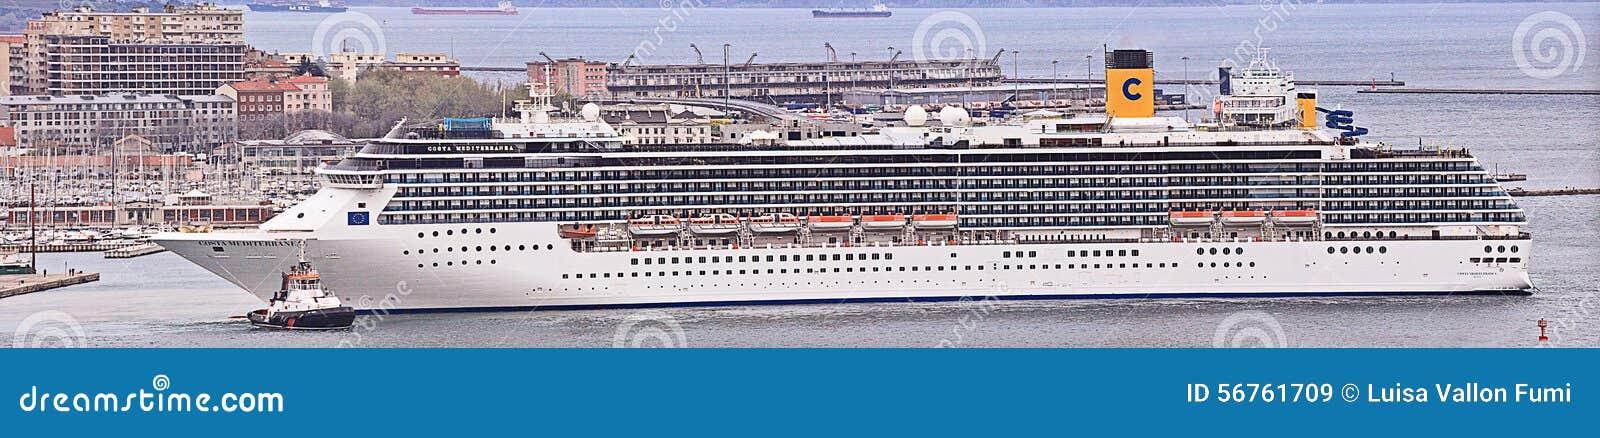 Costa Mediterranea sale del puerto de Trieste en el amanecer, panorama grande